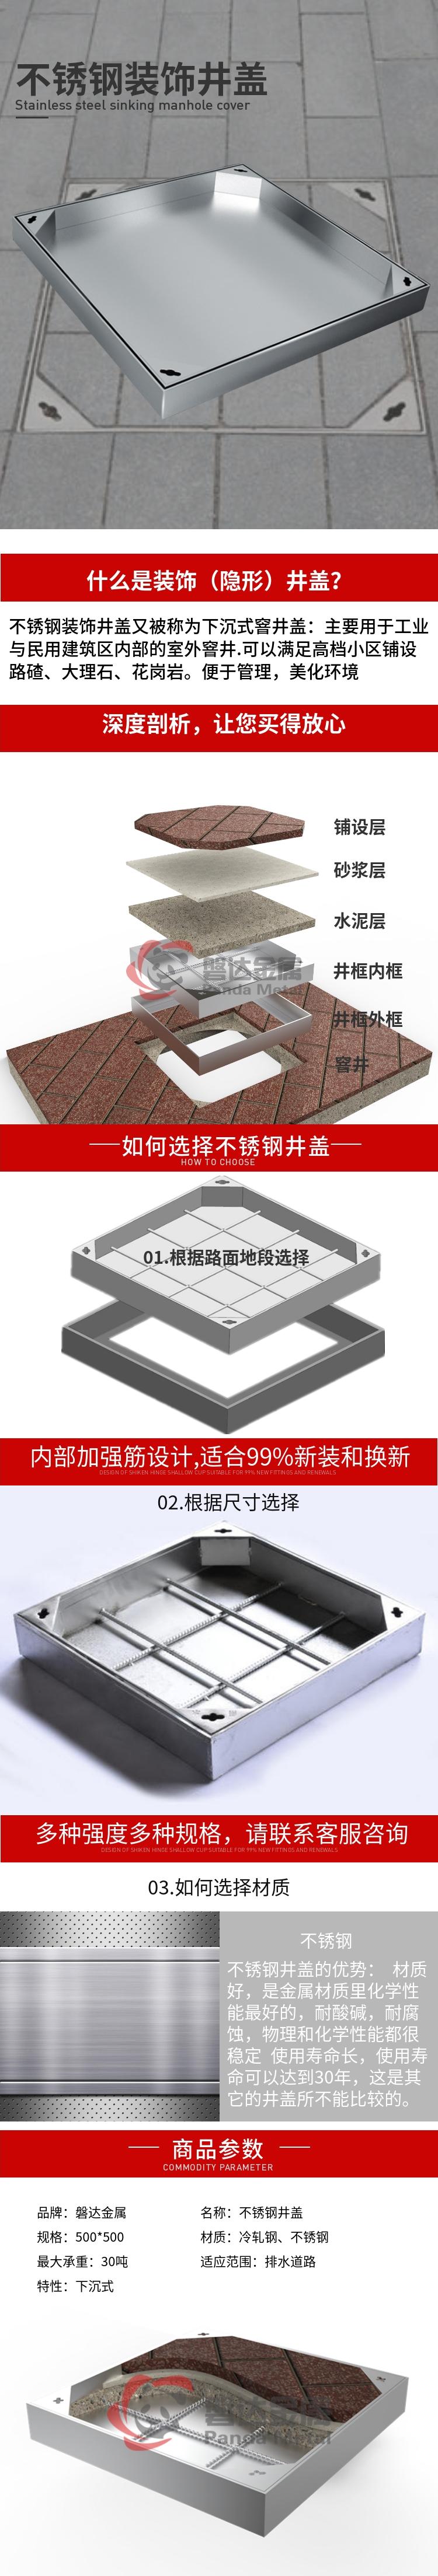 不锈钢方形装饰井盖